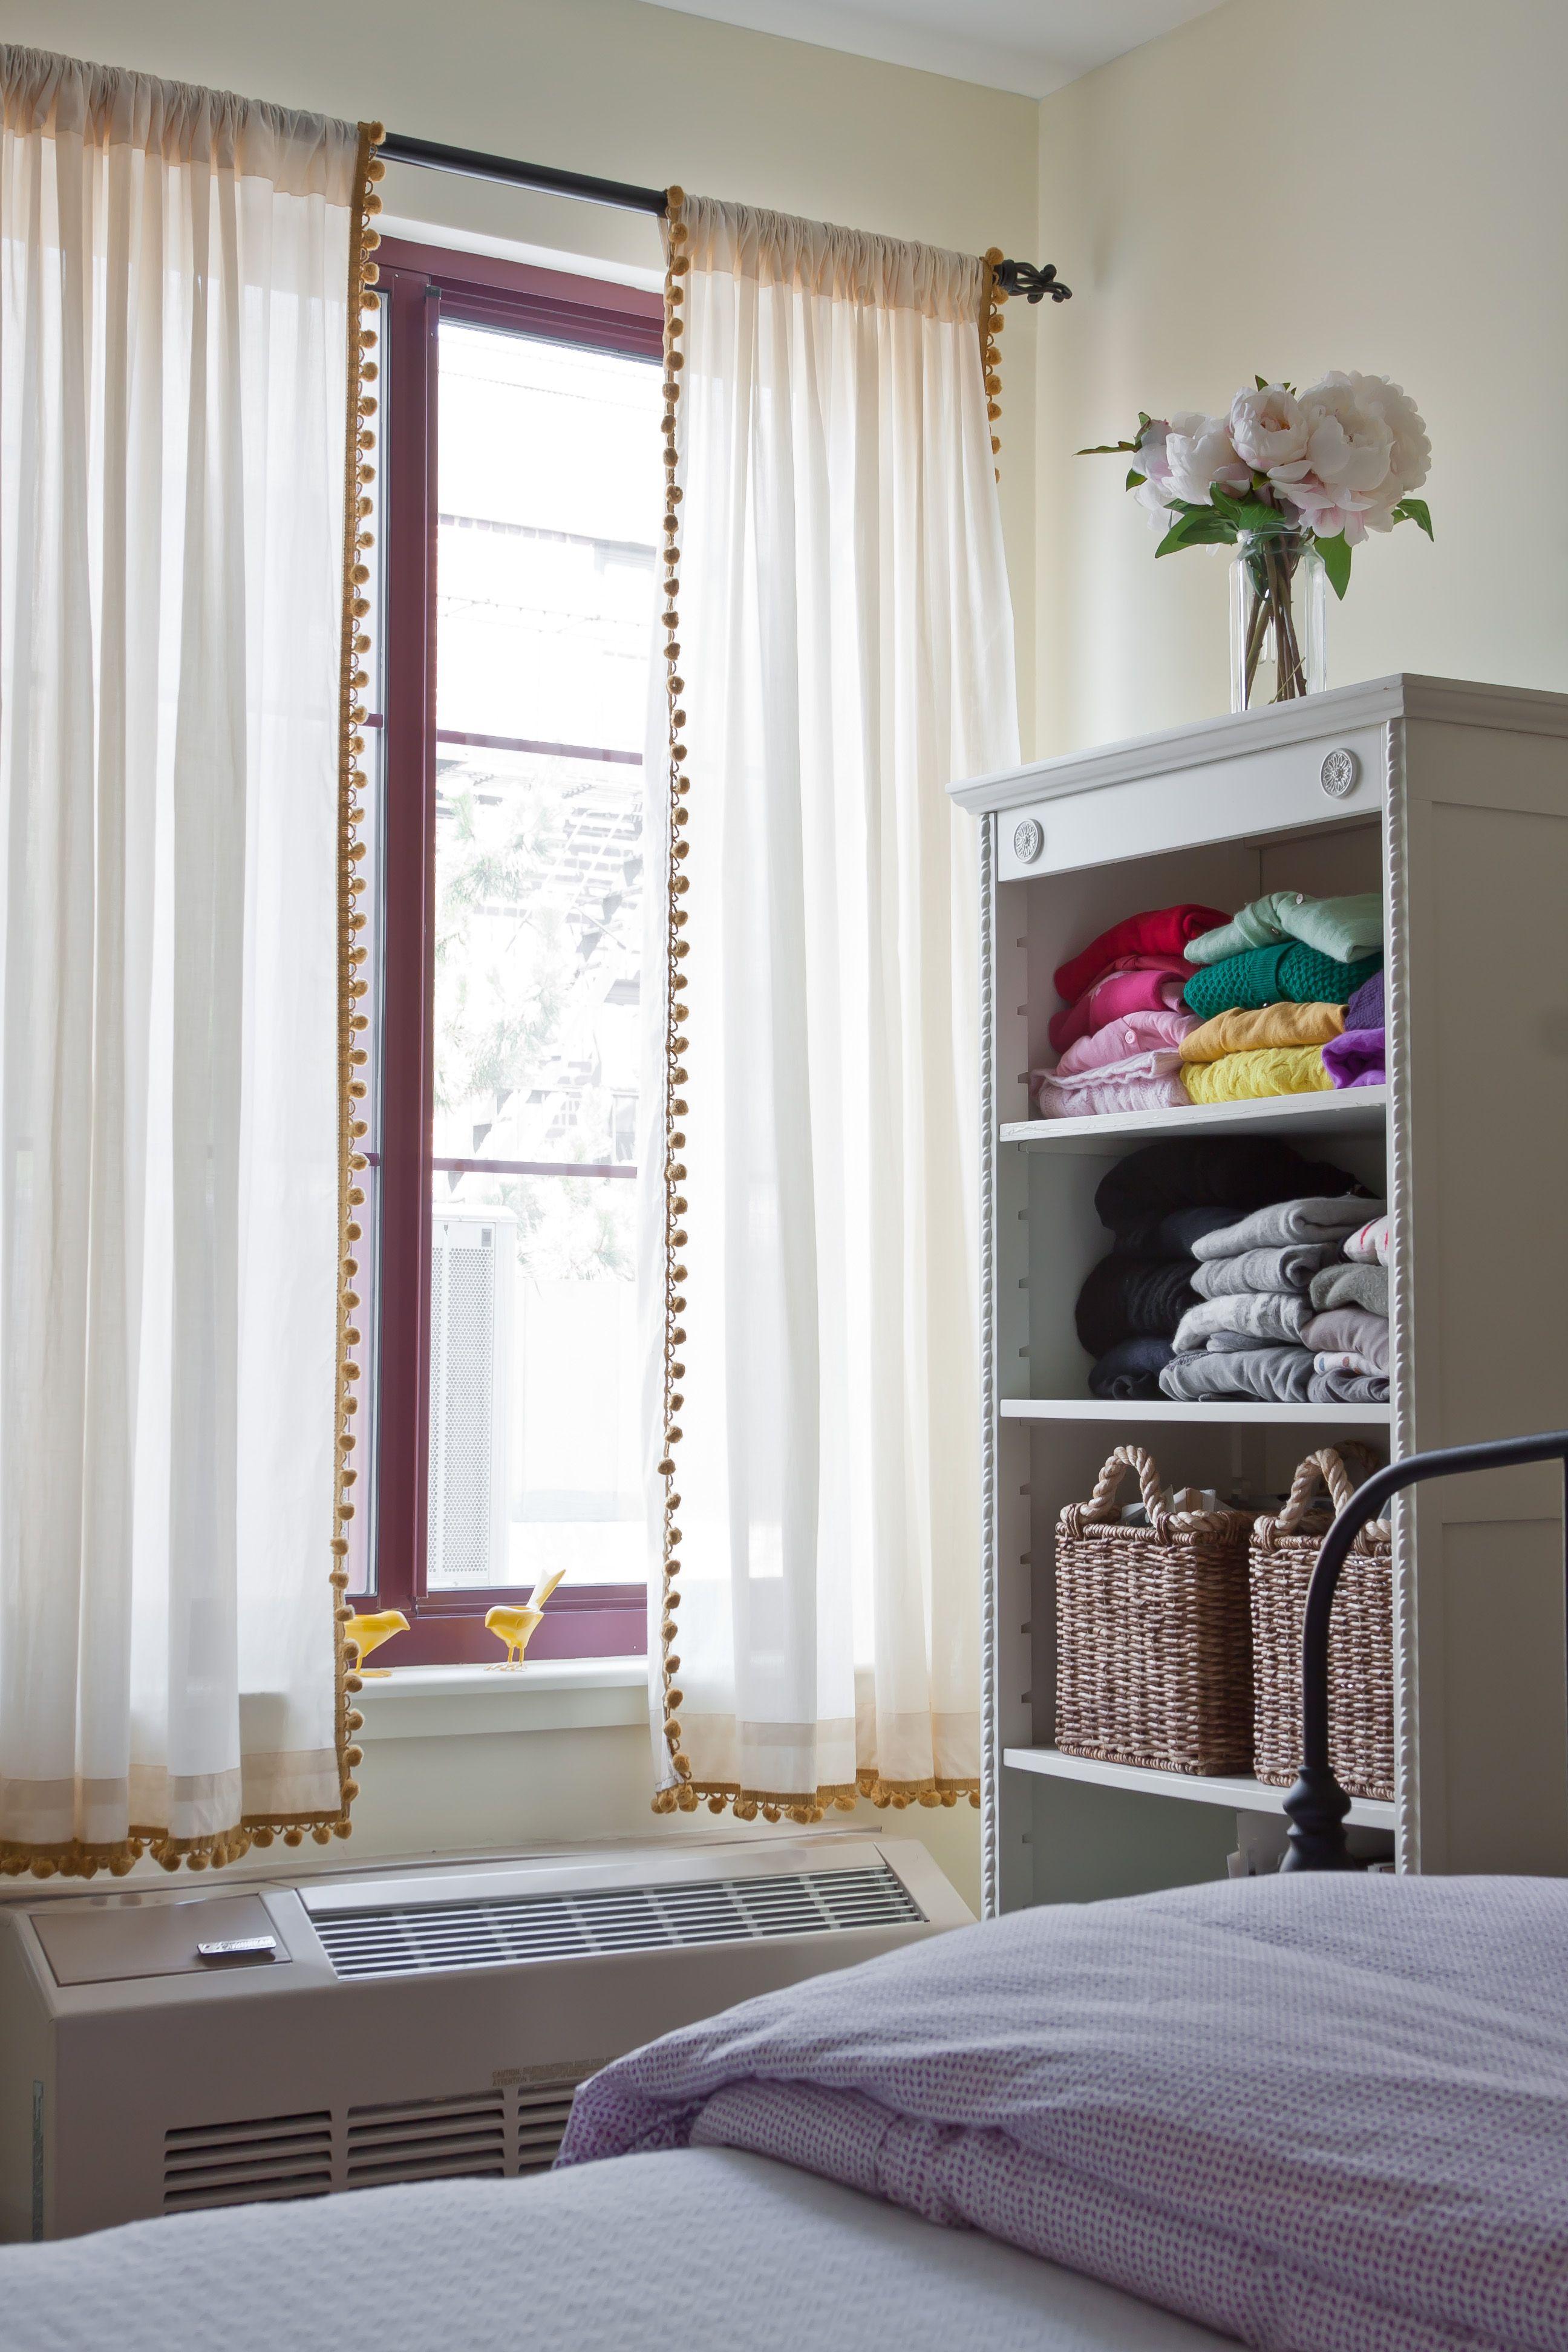 Pom Pom Trim On Curtains More